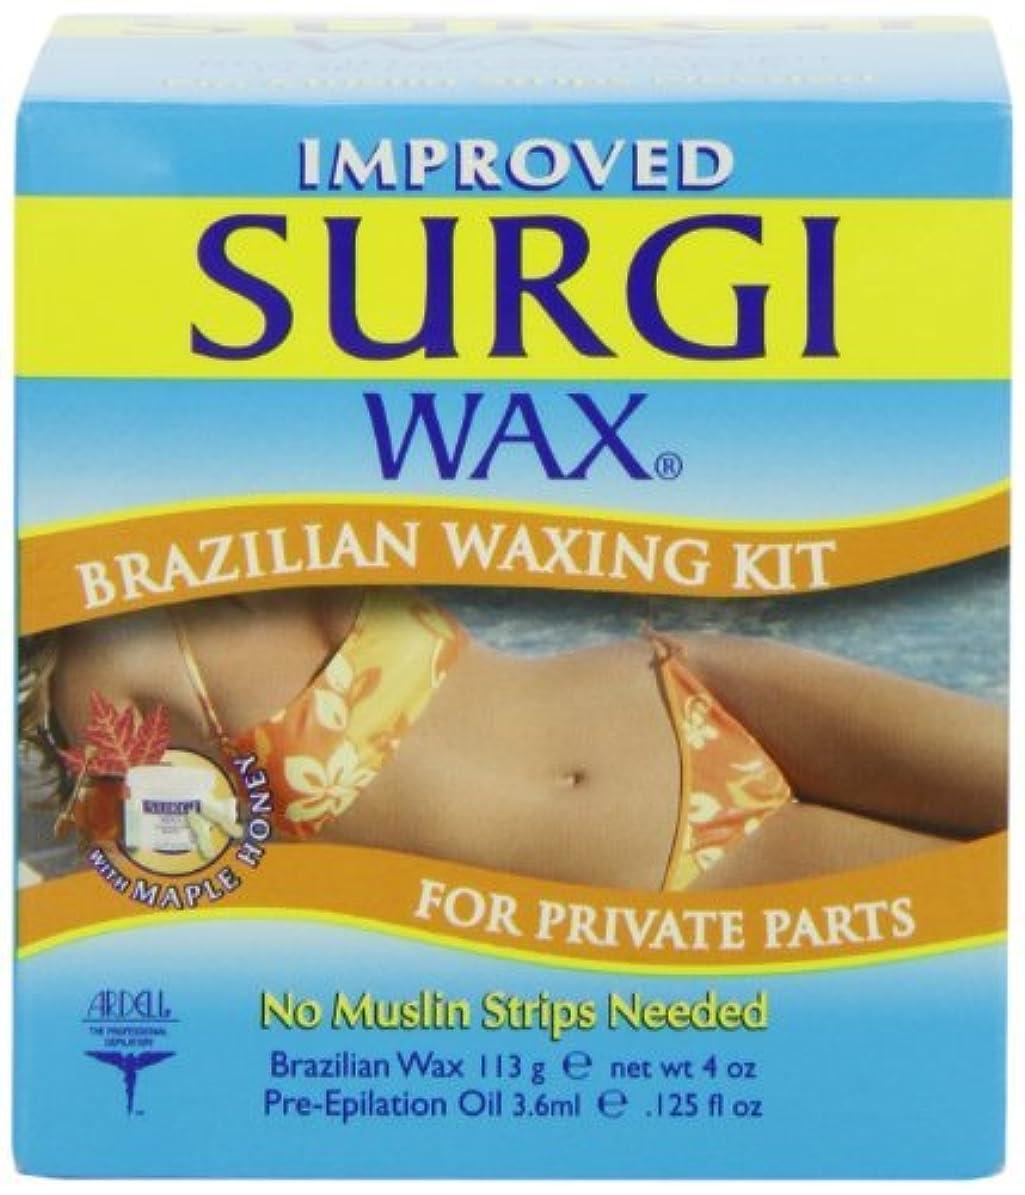 待つ雪だるま芽ブラジリアン ワックス (ビキニライン用) Brazilian Waxing Kit For Private Parts【並行輸入品】